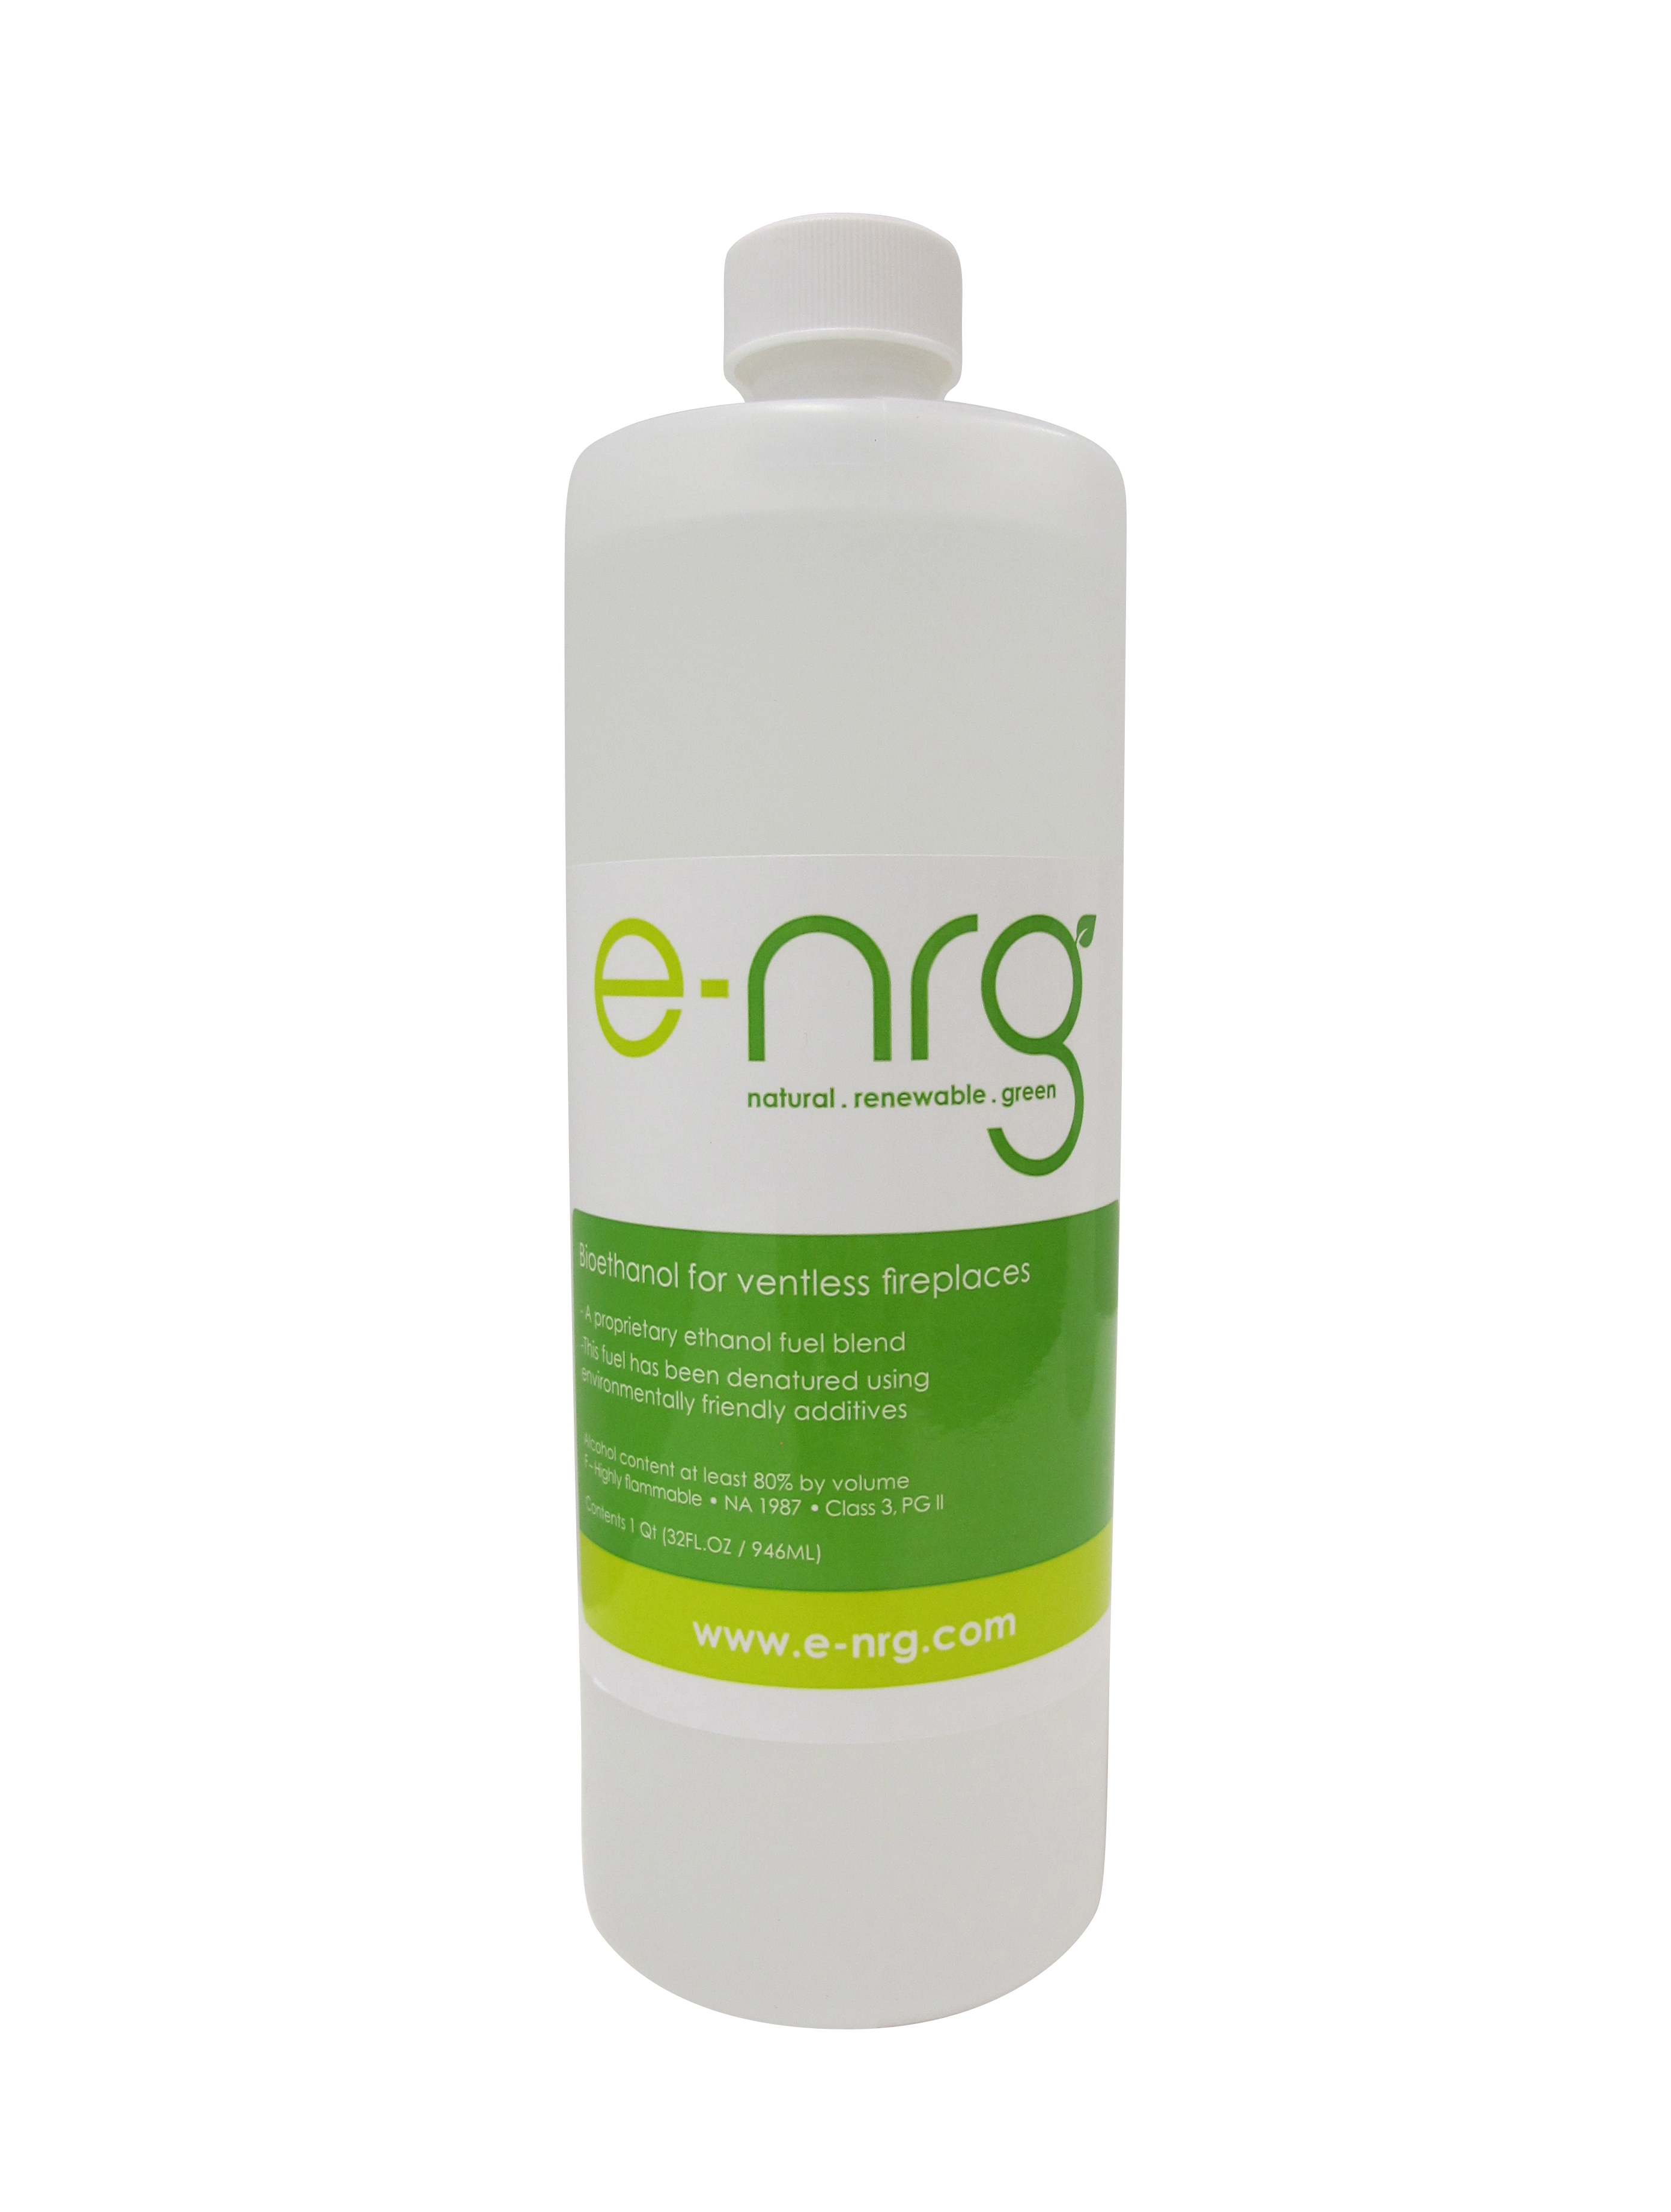 e-nrg-litre-bottle-1.jpg